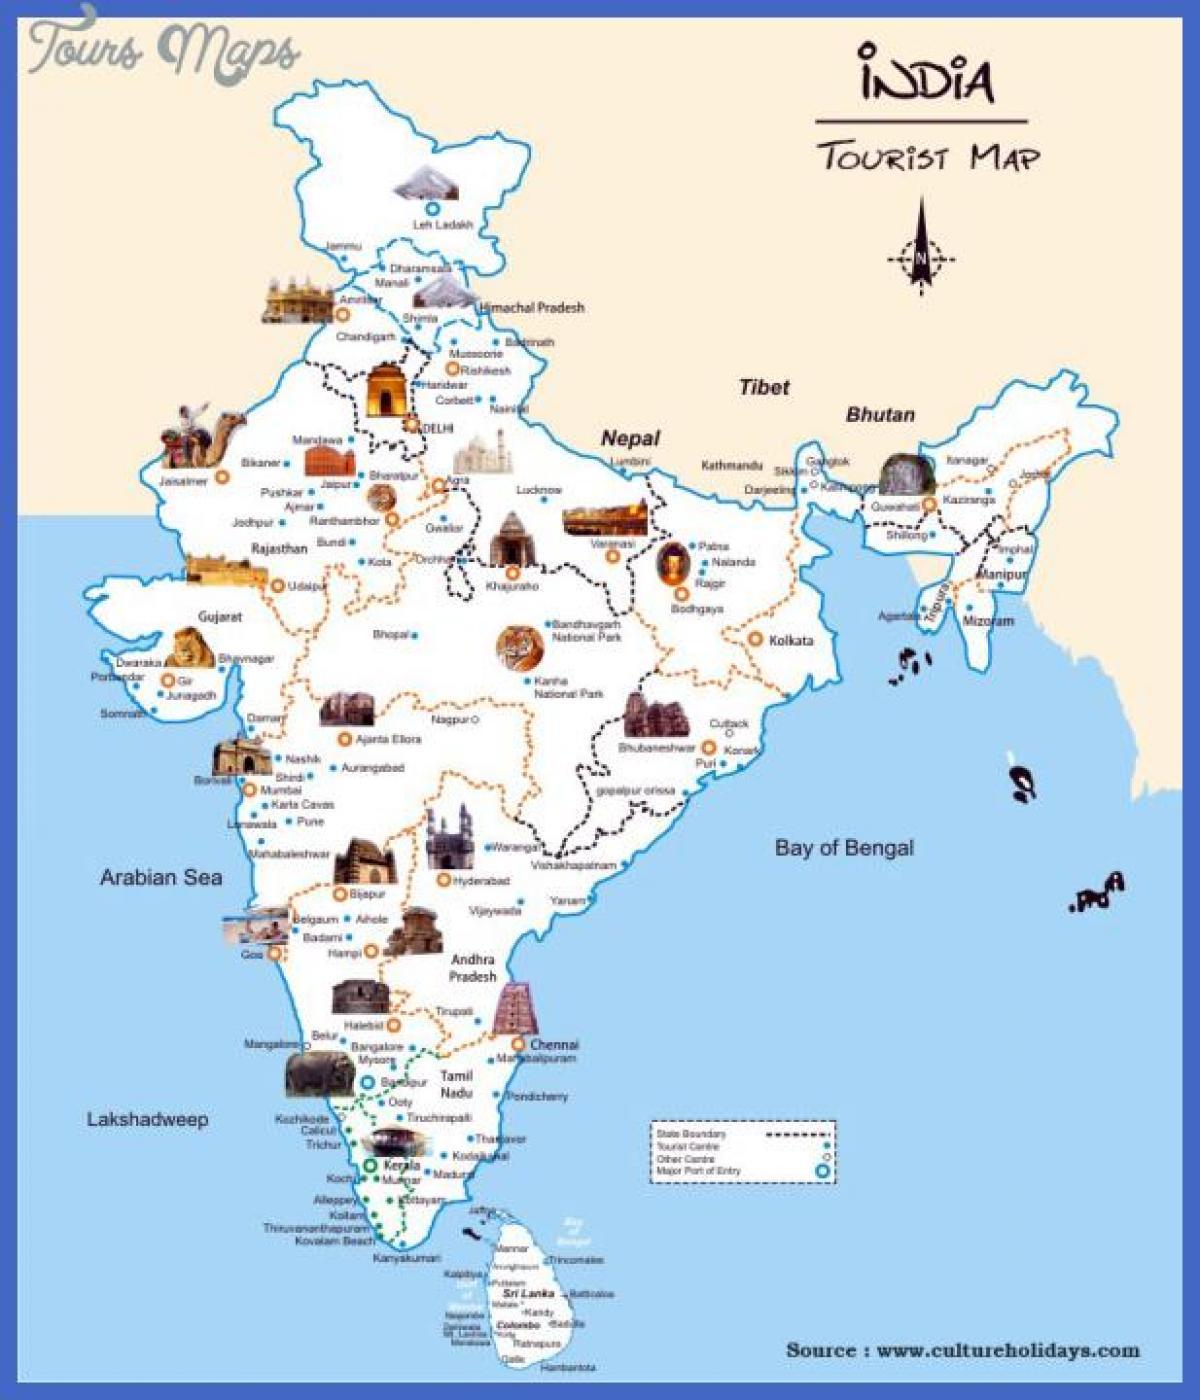 Karte Anzeigen.Indien Attraktion Anzeigen Indien Sehenswurdigkeiten Karte